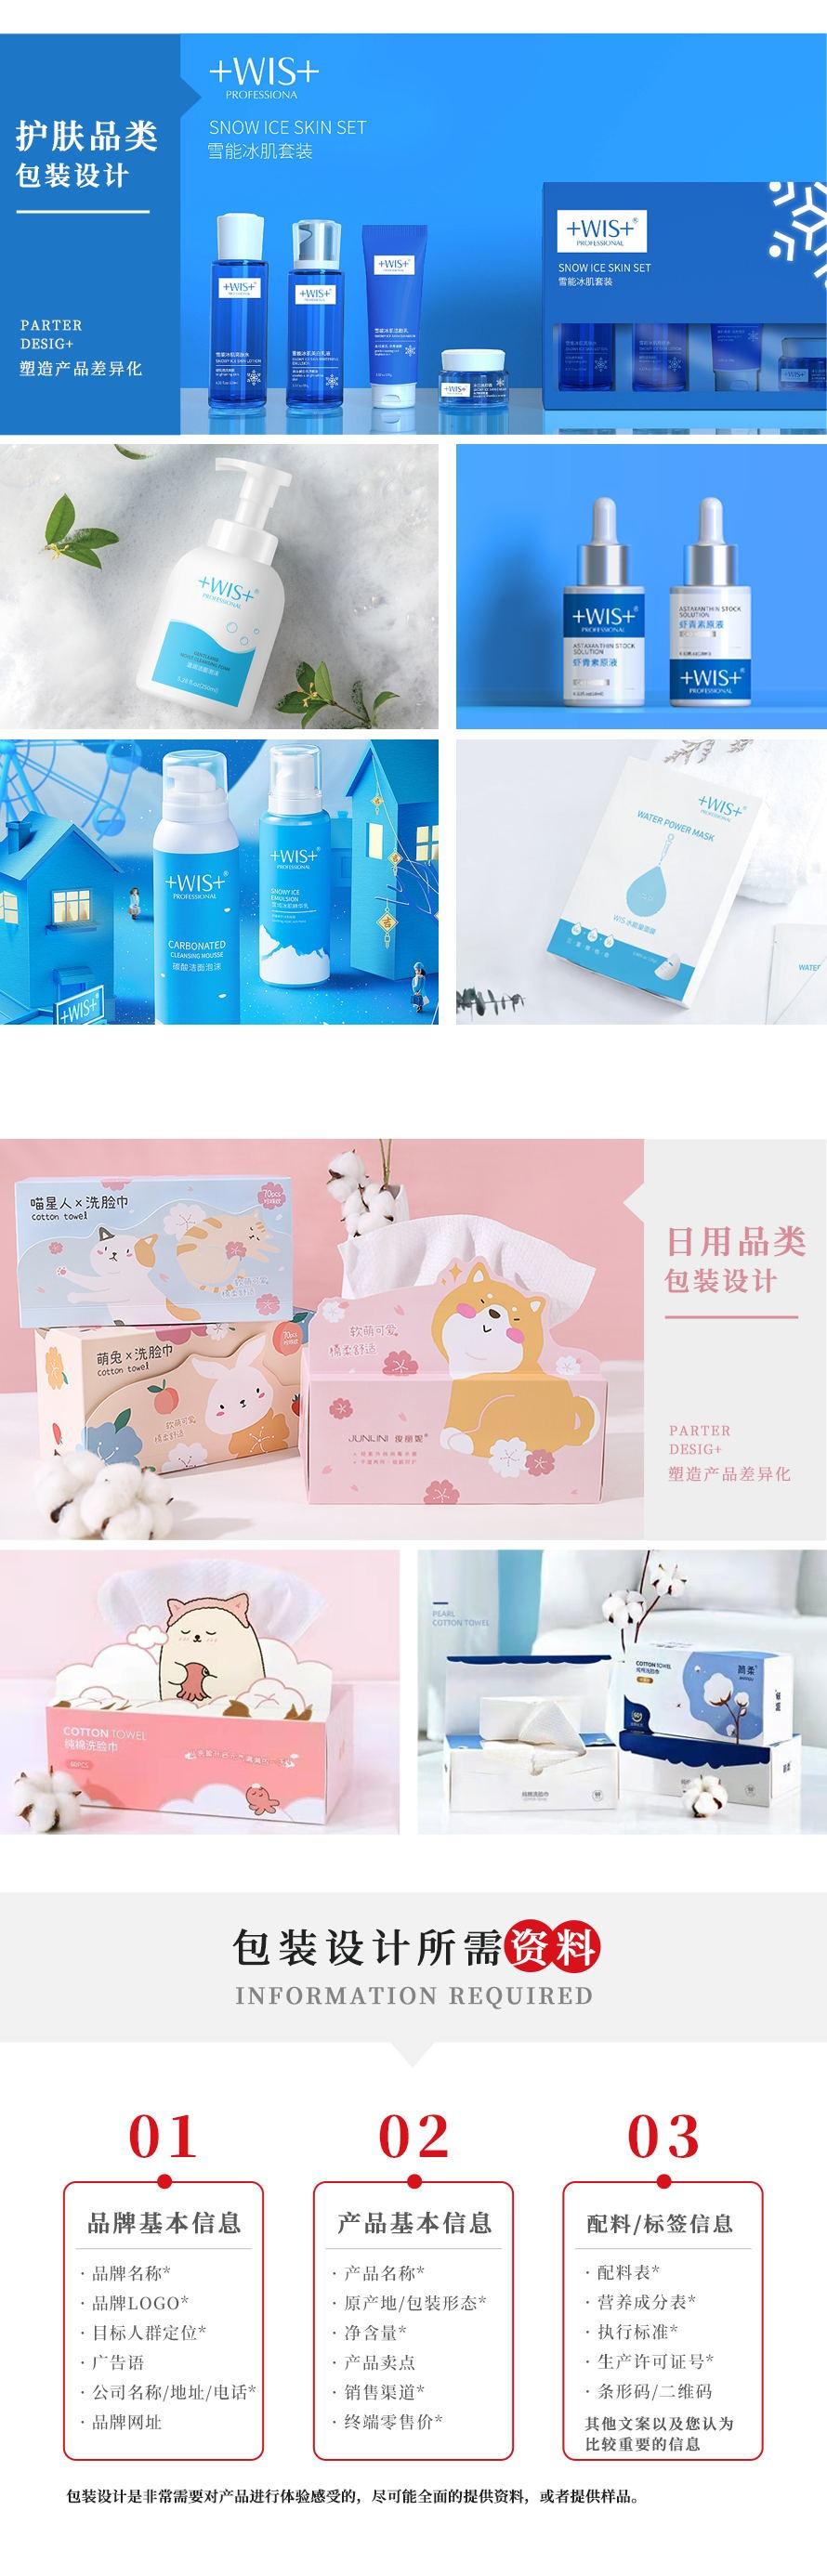 包装设计产品礼盒包装袋包装盒设计贴标瓶贴标签设计内外包装设计